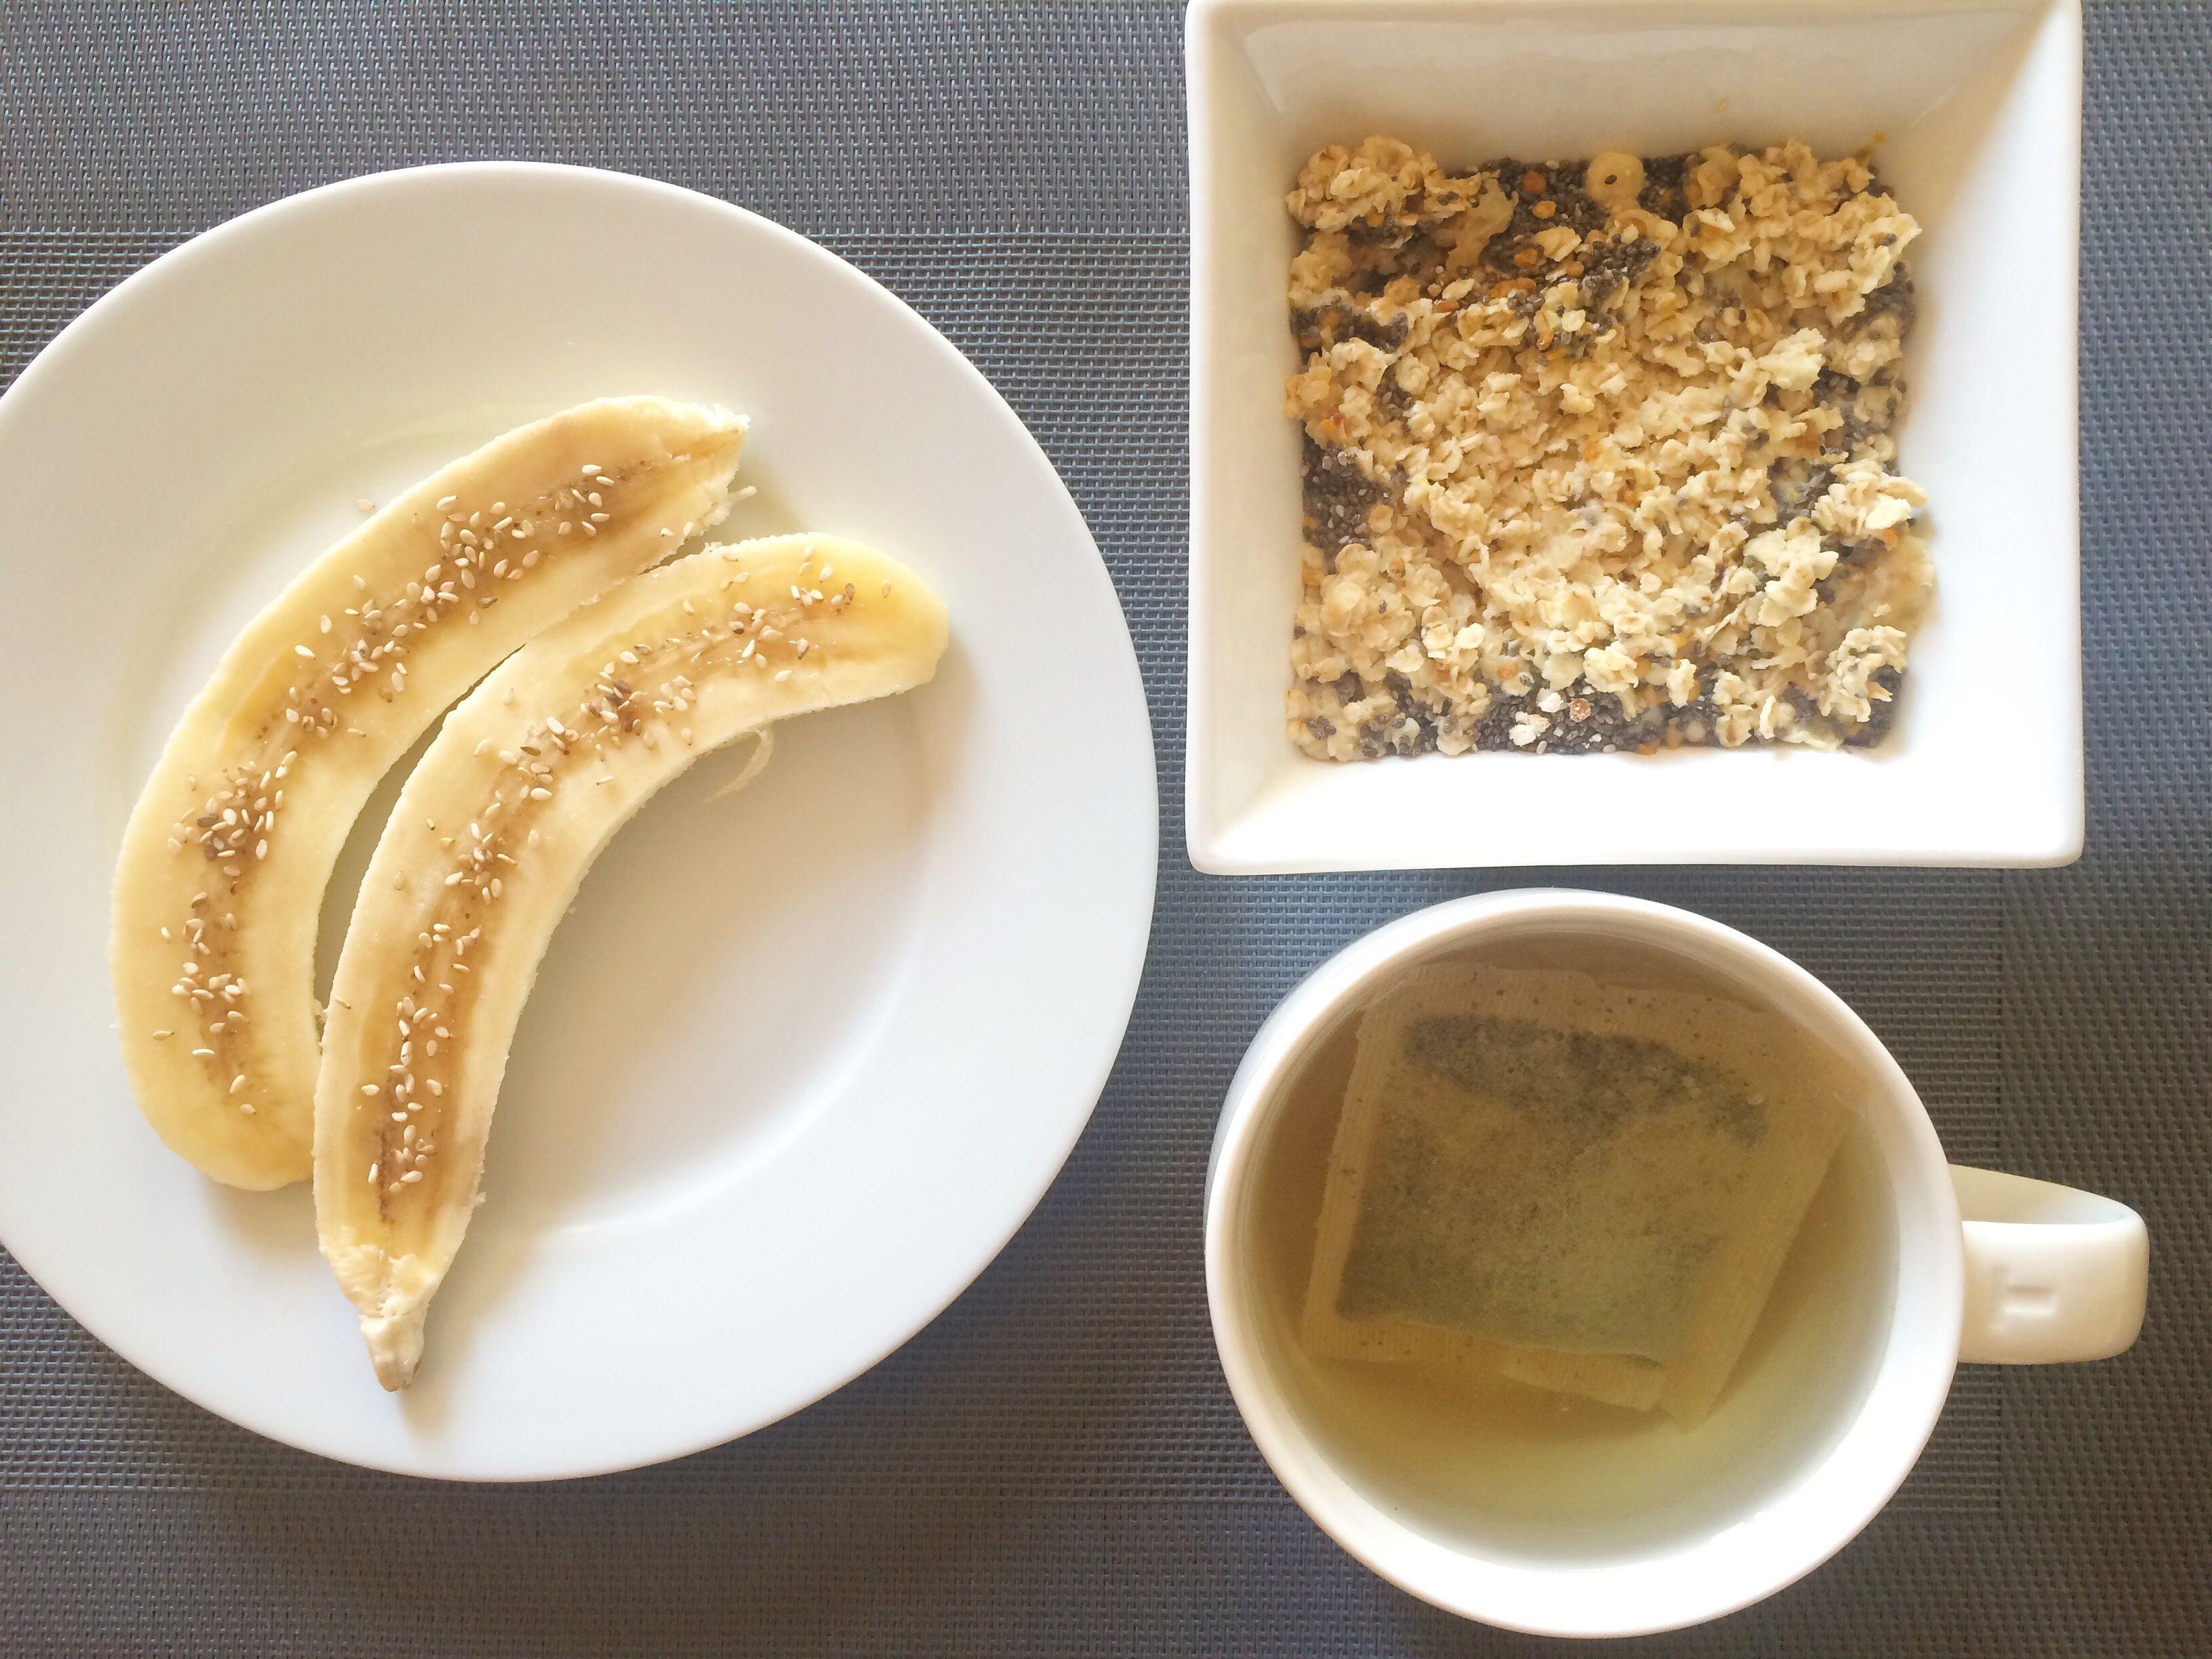 Plátano con polen, porridge de avena con semillas de chía y té verde.